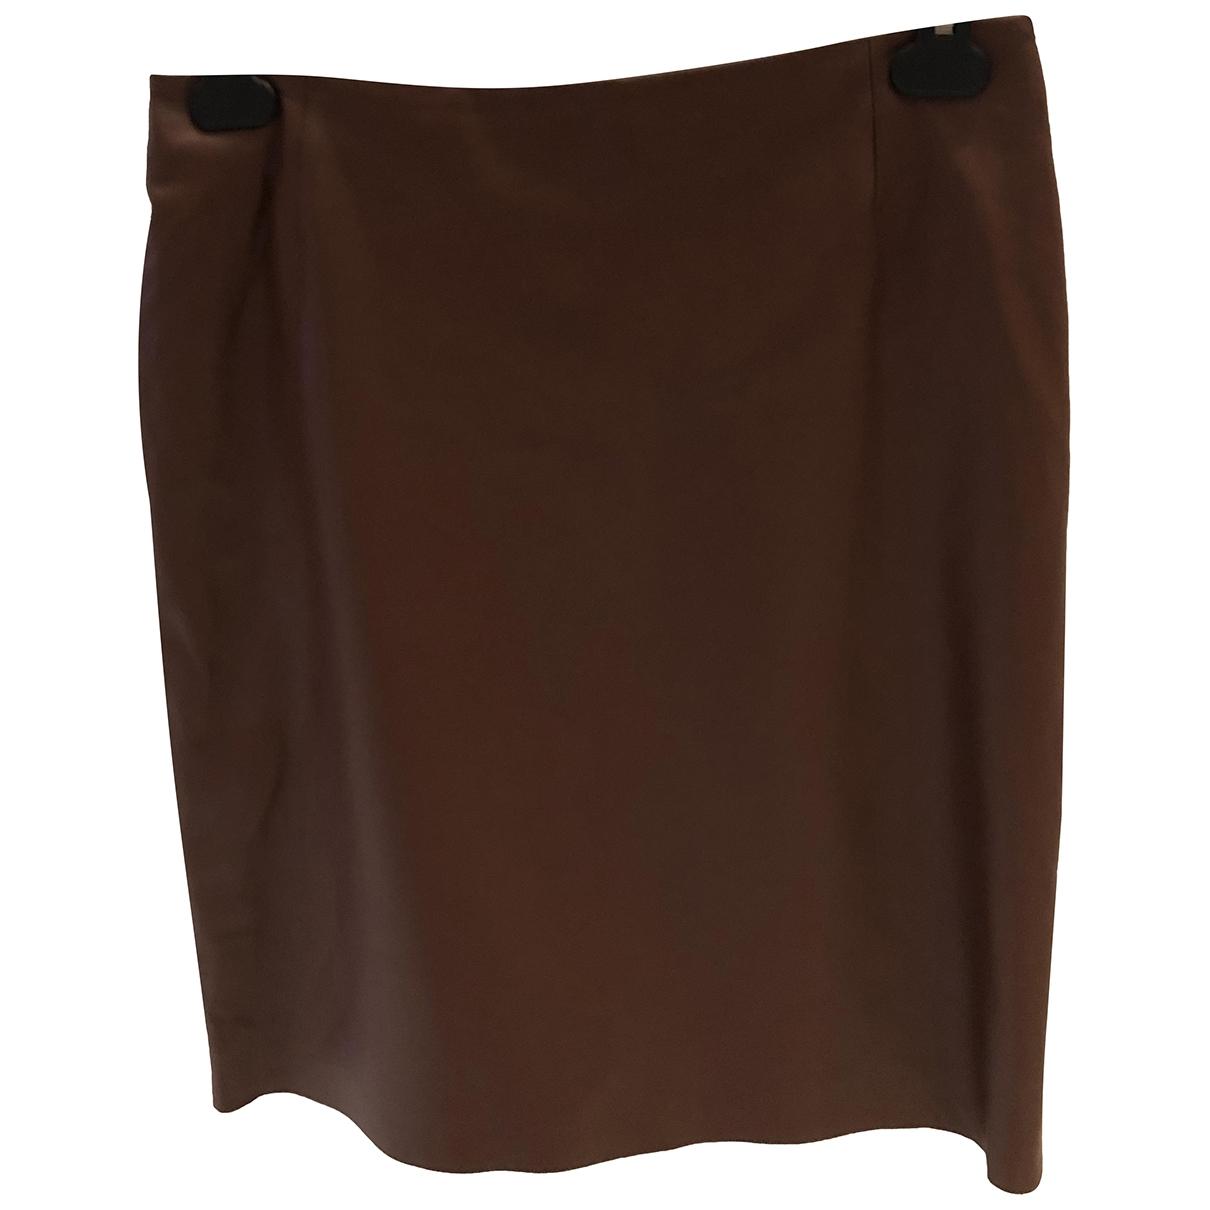 Trussardi - Jupe   pour femme en cuir - marron